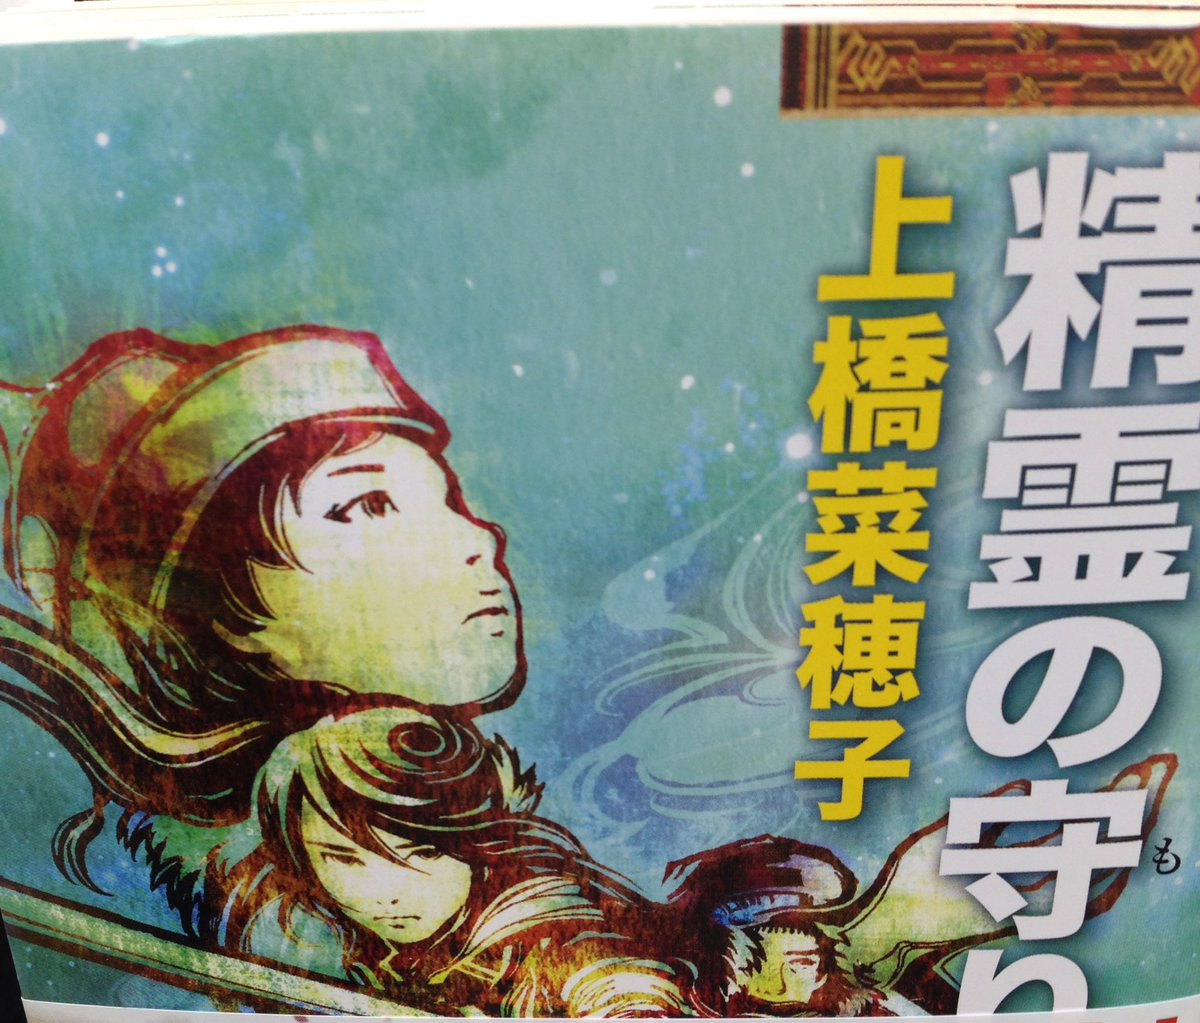 🌻夏の文庫フェア🌻🍉新潮文庫の100冊オススメ🍉       「精霊の守り人」とにかくバルサが強くてかっこいい✨しかし、